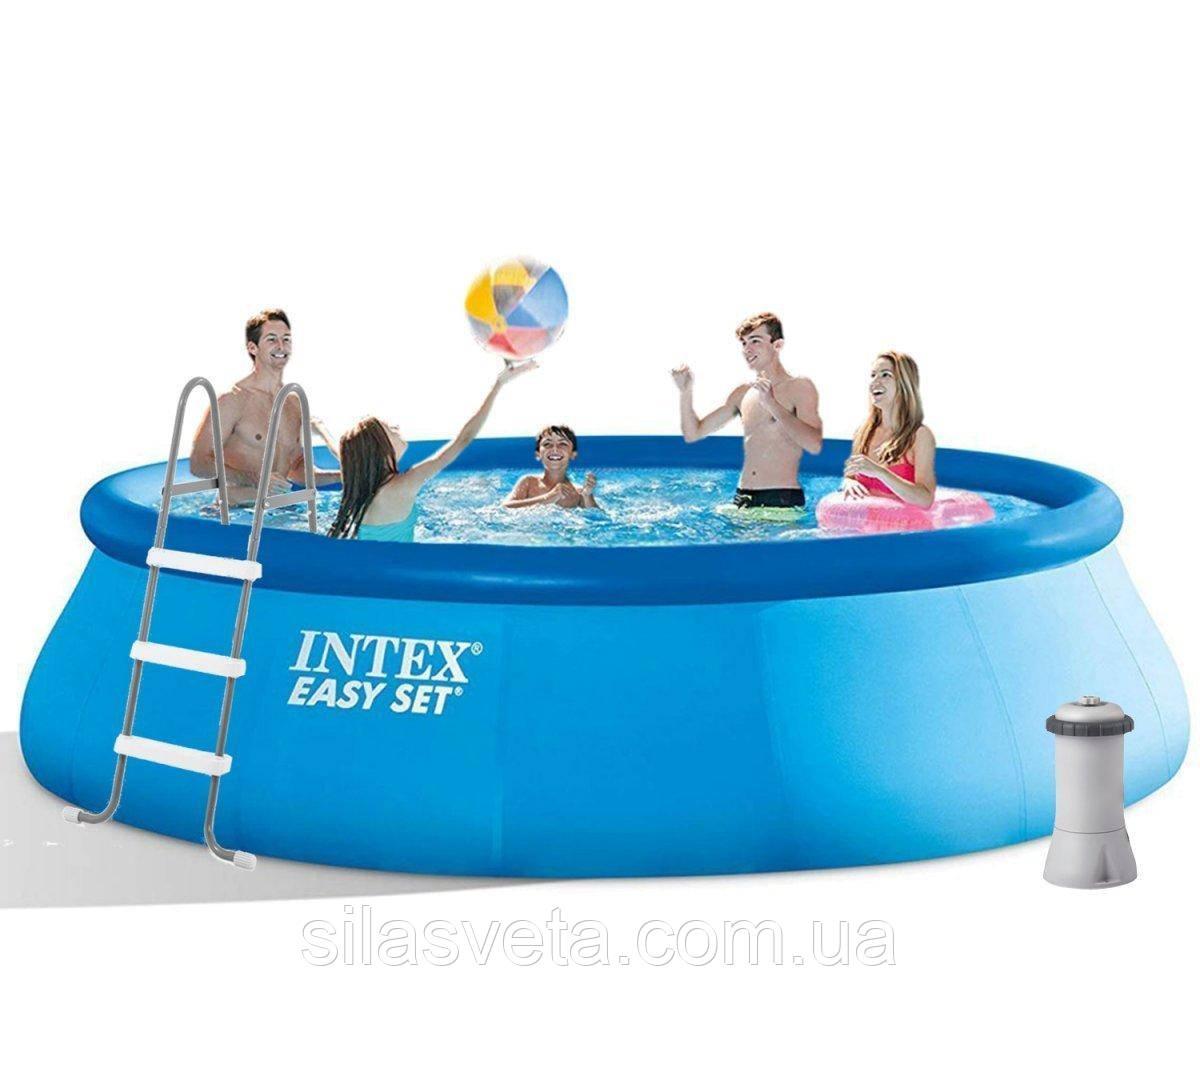 Надувной бассейн Intex 26166 (457х107 см) 12430 л +лестница, подстилка, тент, фильтр-насос(3785 л/ч)